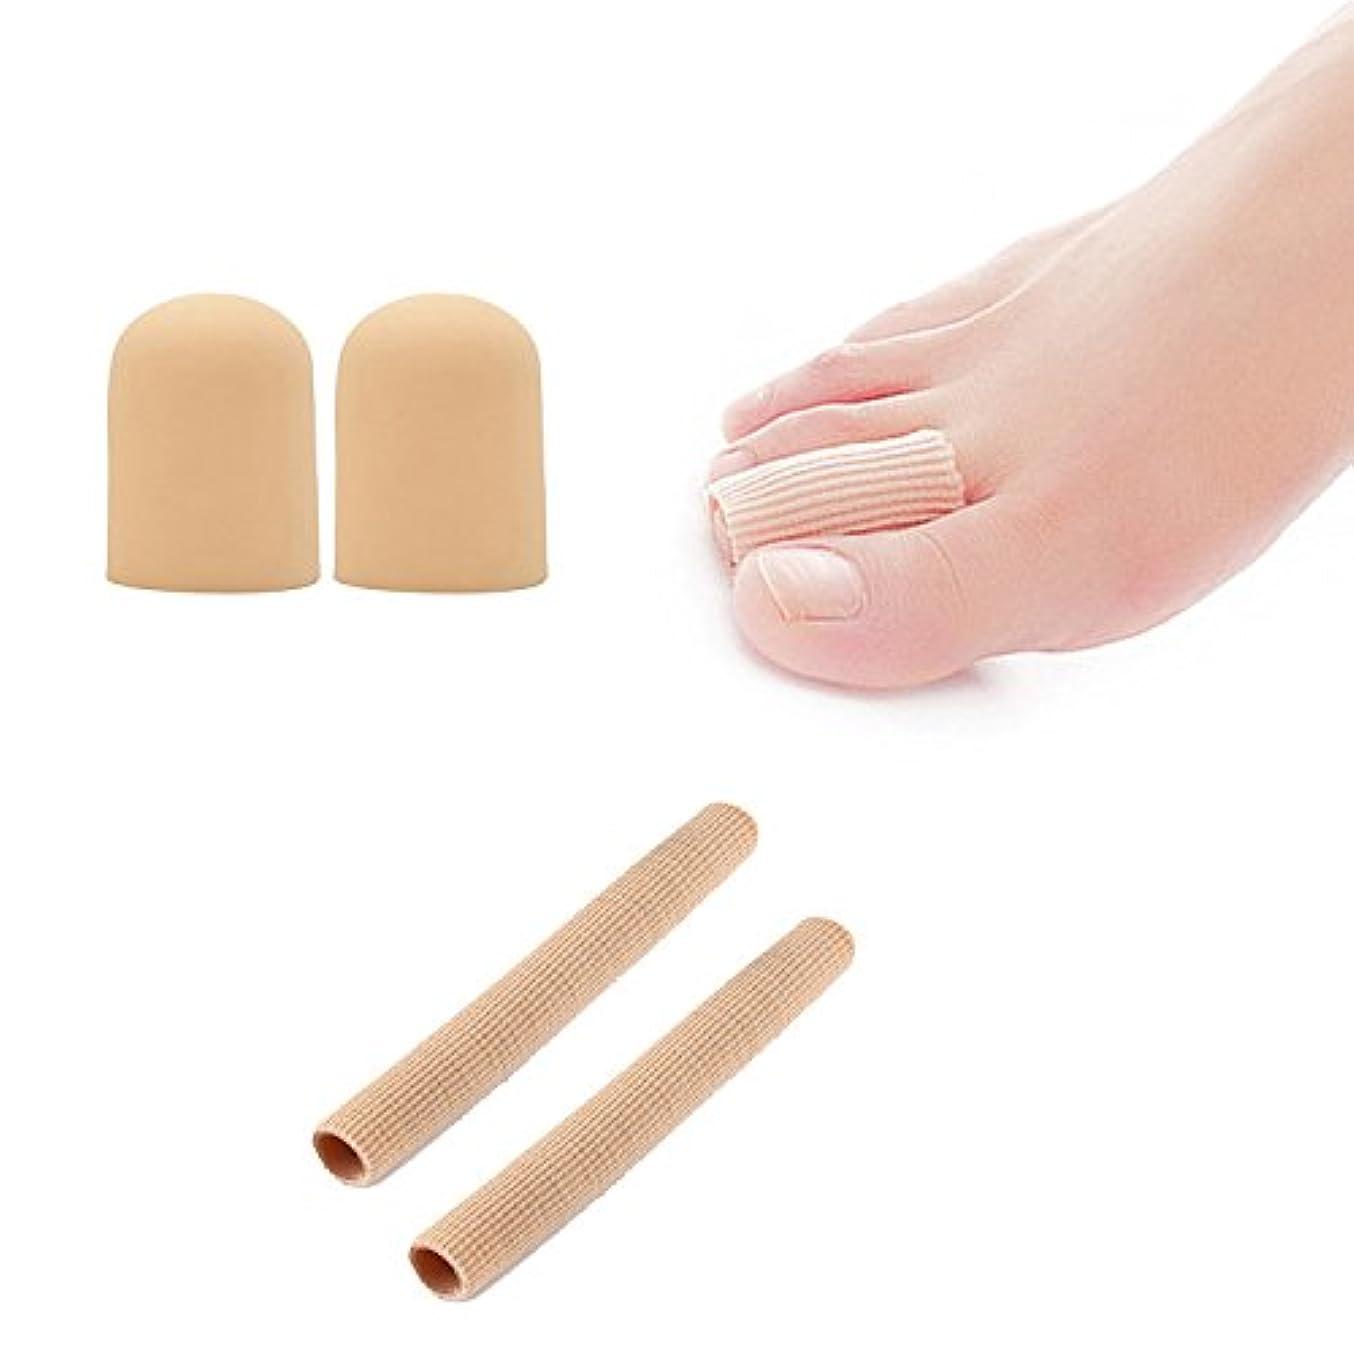 枕ラジウム旅行者足指保護キャップ つま先プロテクター 足先のつめ保護キャップ シリコン 調整可能